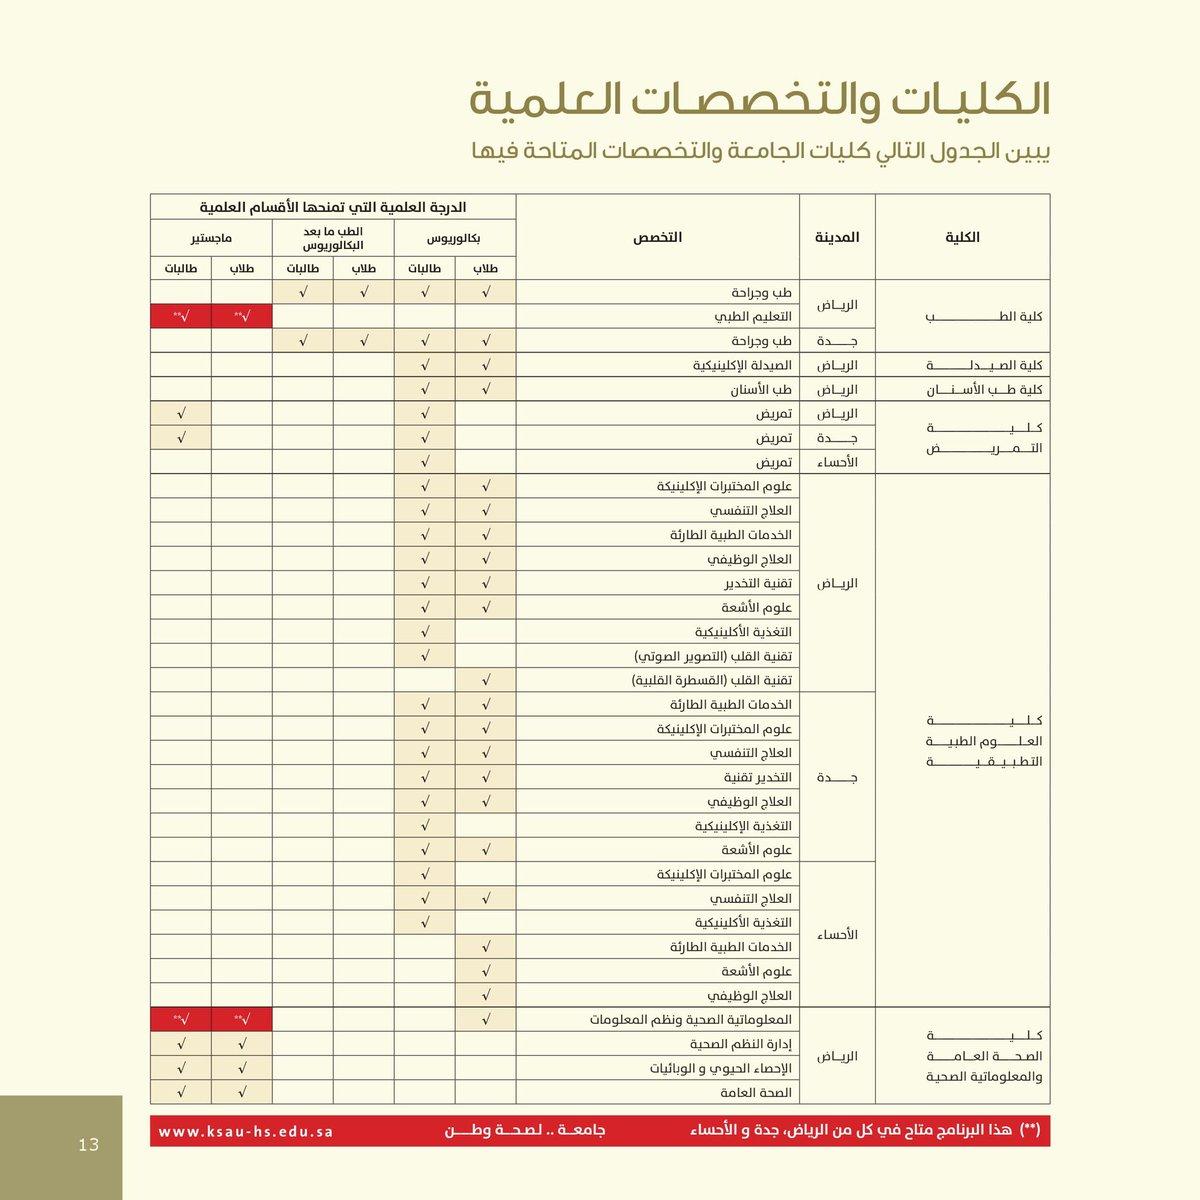 دليل كتابة الرسائل العلمية pdf جامعة الملك عبدالعزيز